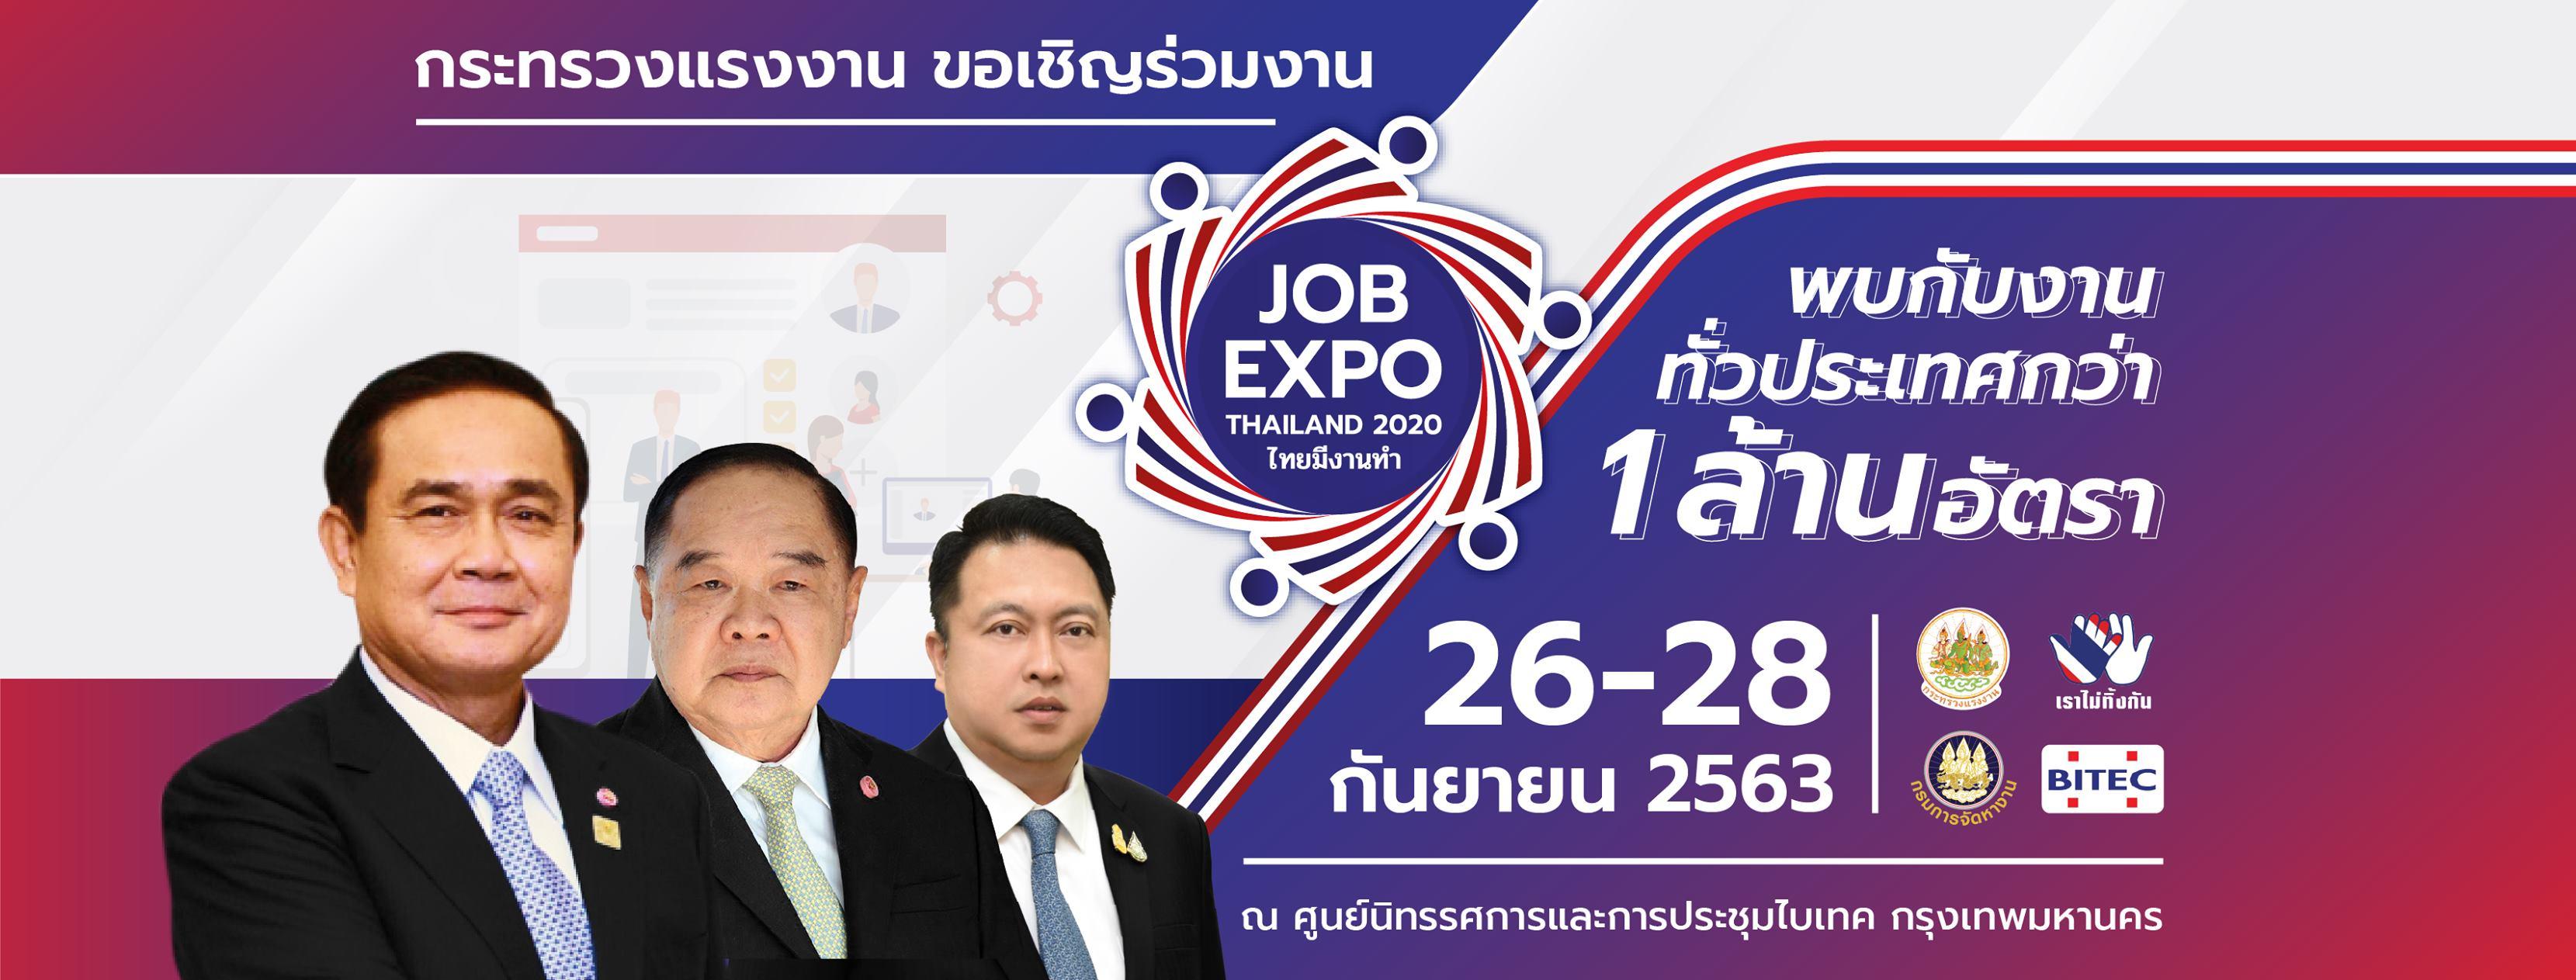 กระทรวงแรงงานขอเชิญร่วมงาน Job Expo Thailand 2020 ไทยมีงานทำ